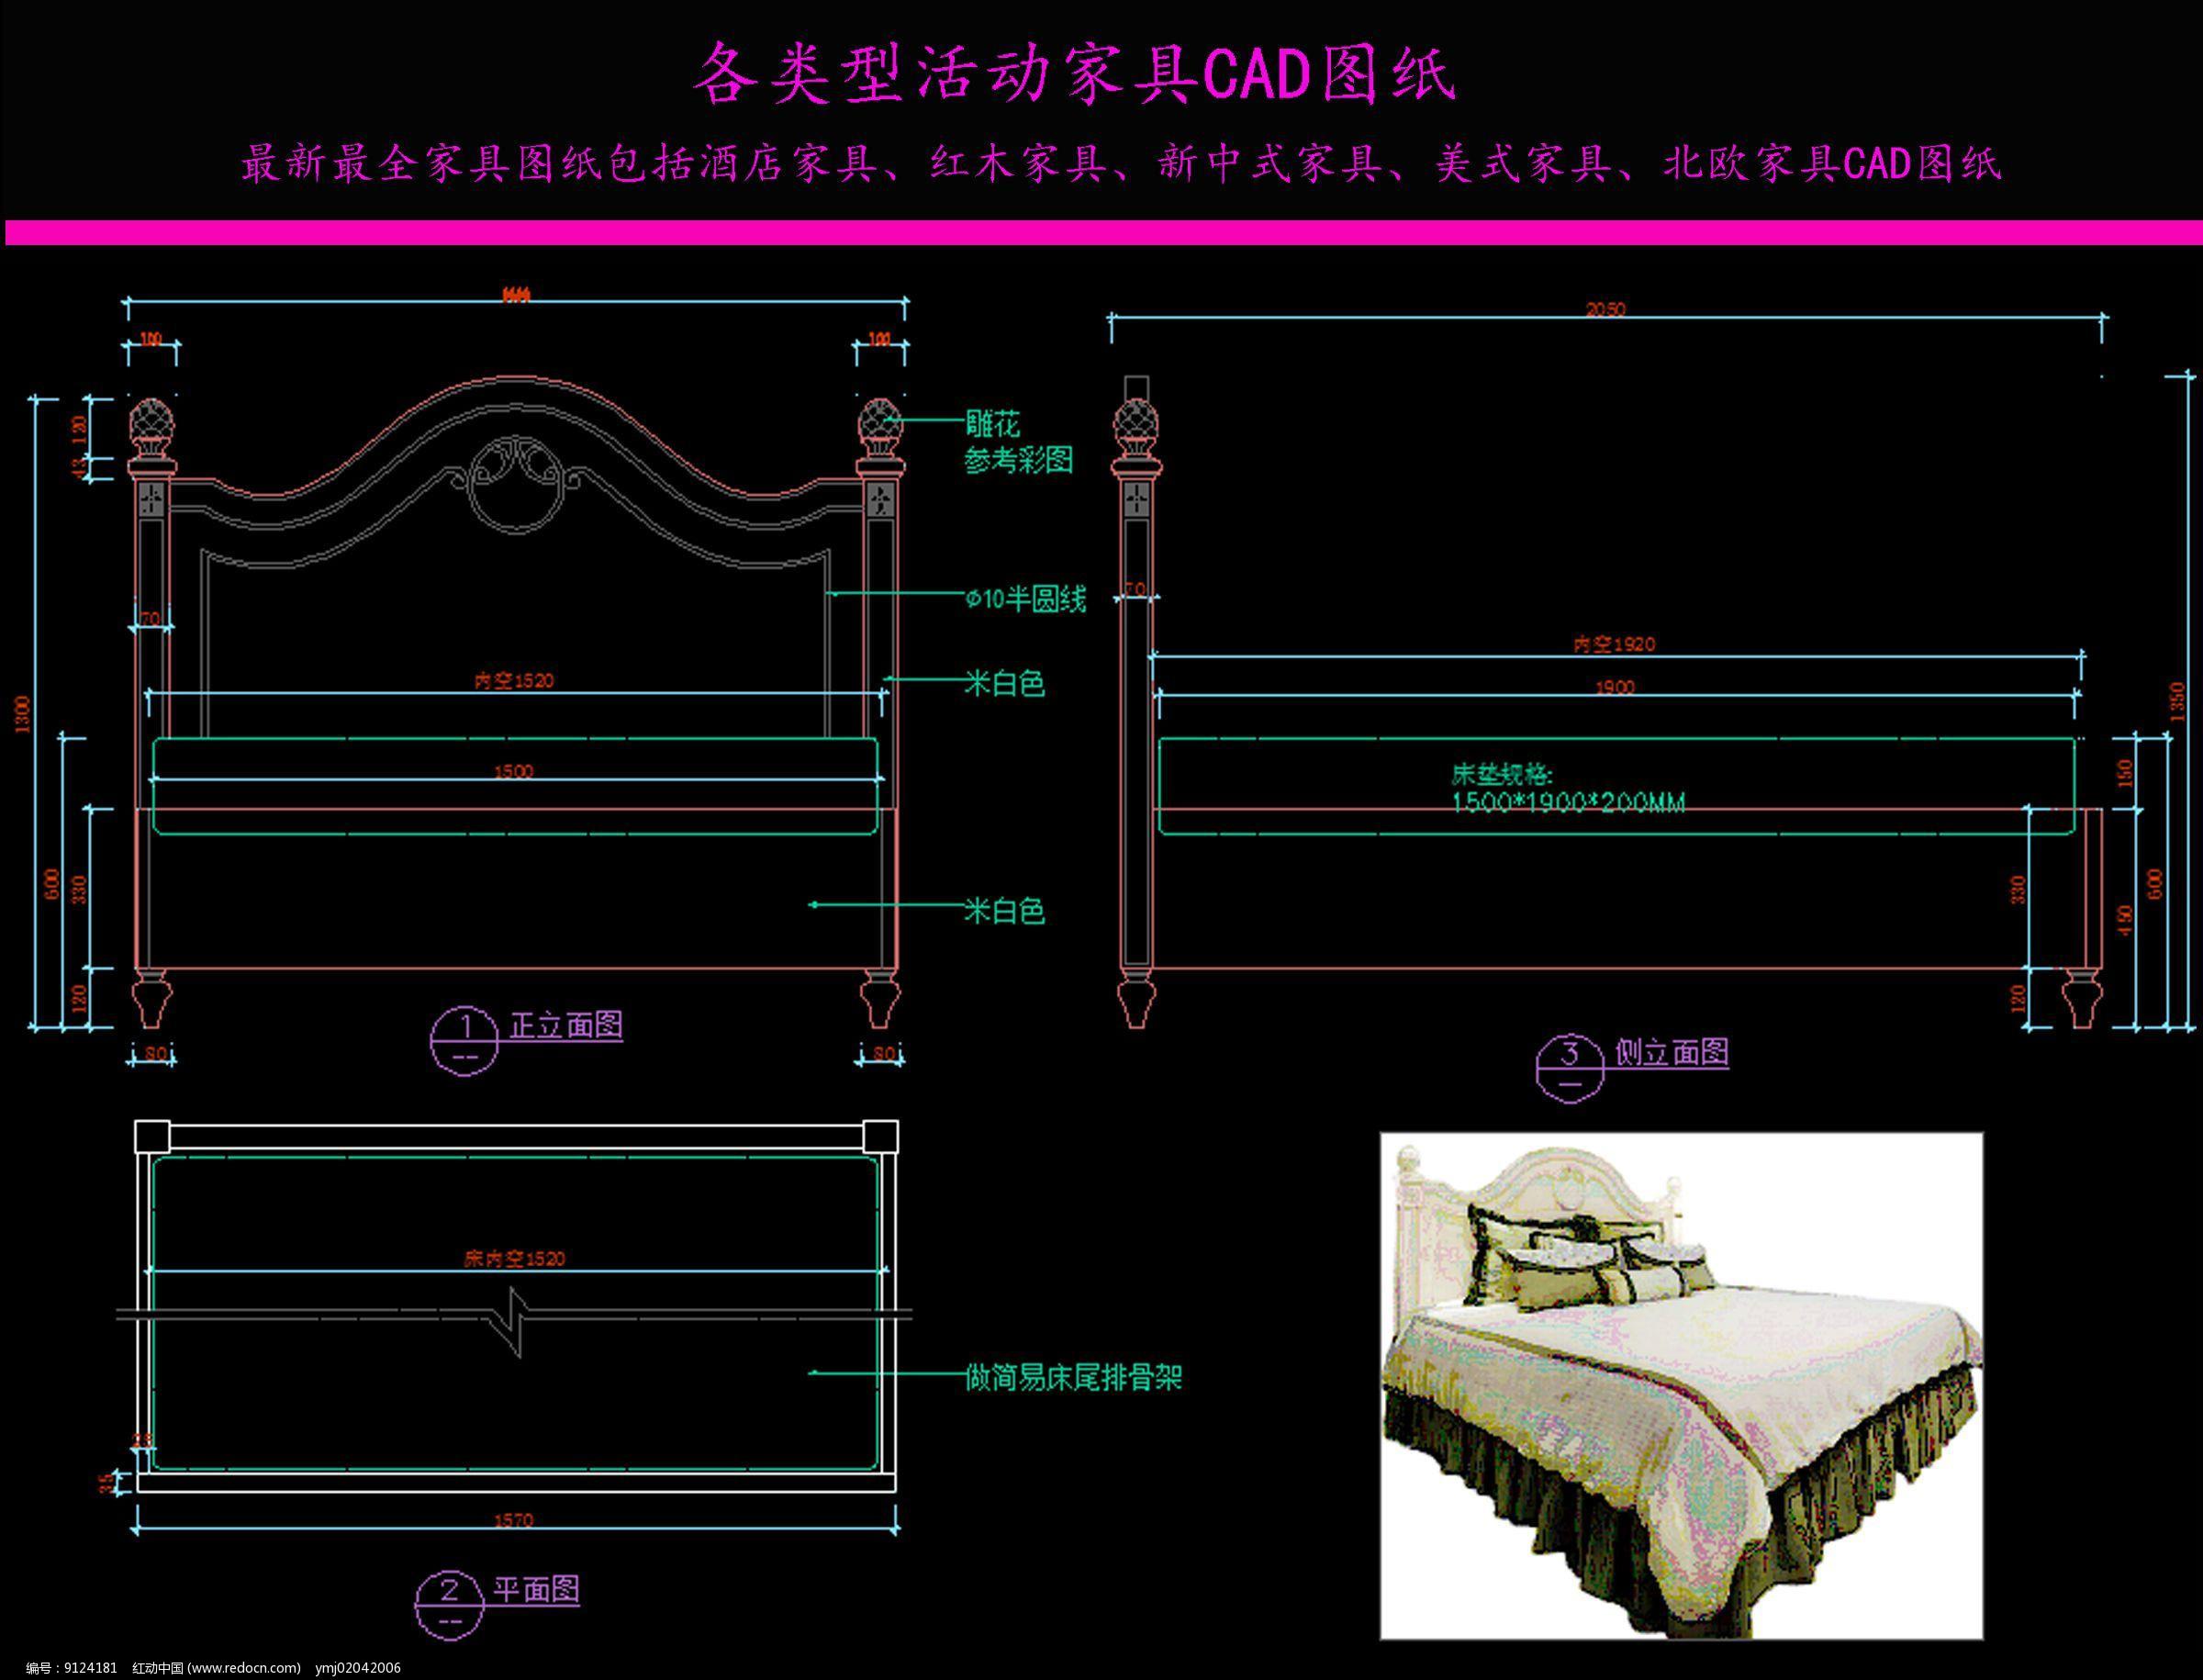 原创设计稿 cad图库 室内装修 美式床cad图纸  请您分享: 素材描述:红图片